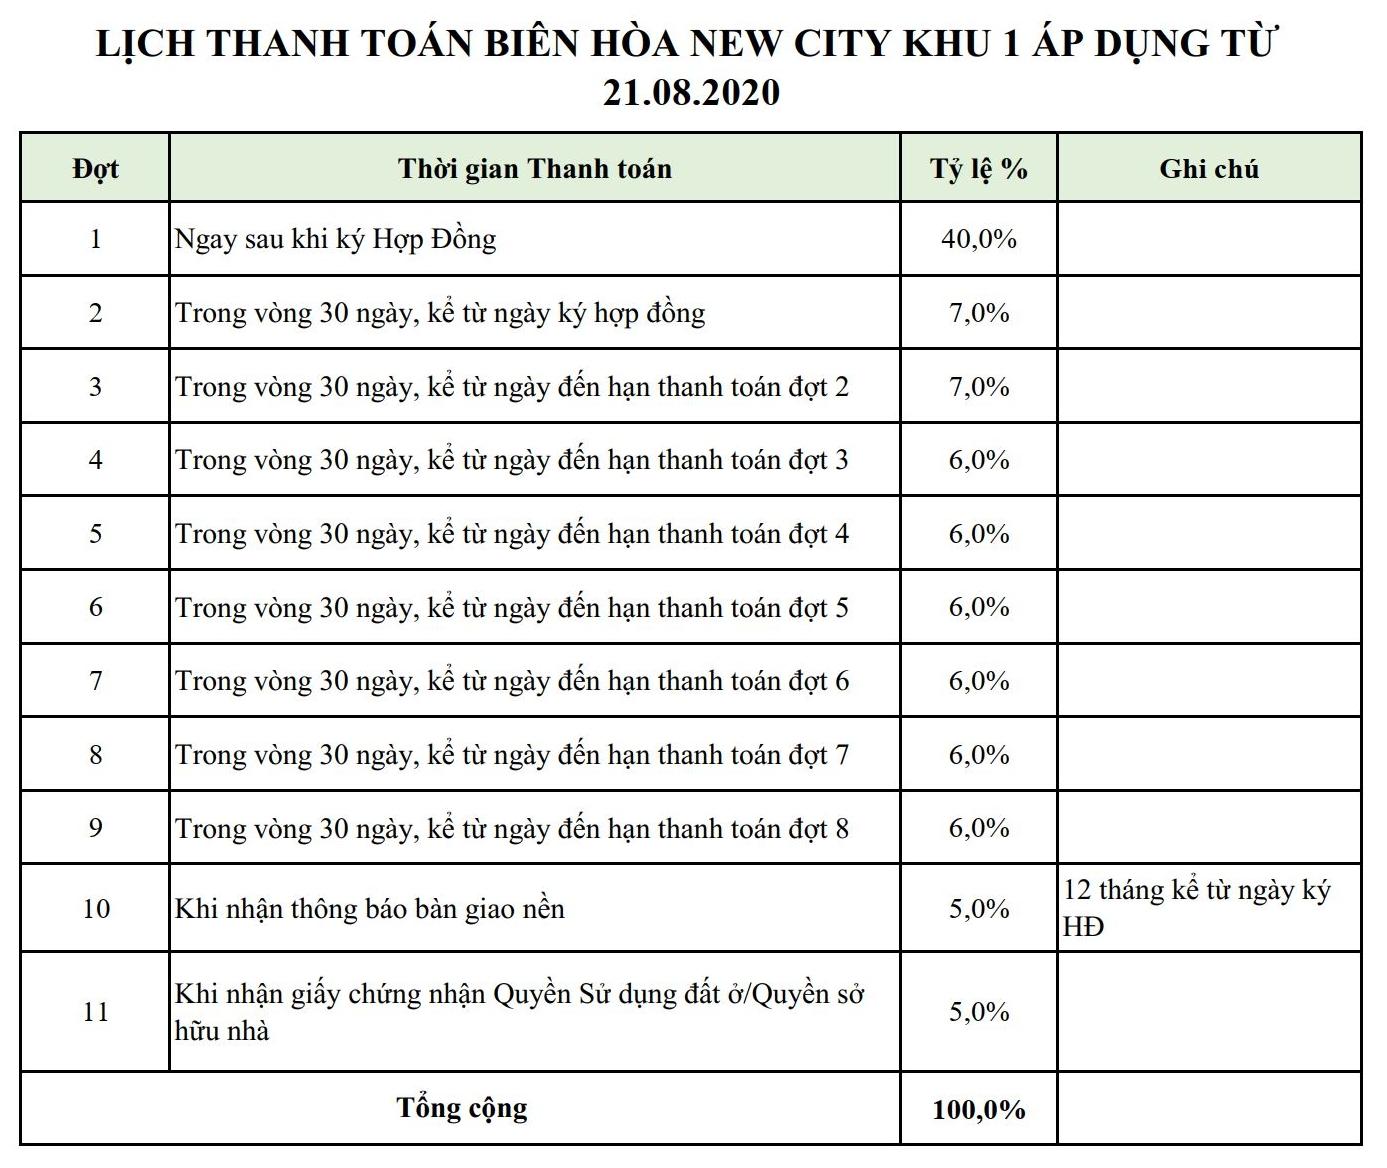 Lịch thanh toán khu 1 Biên Hòa New City